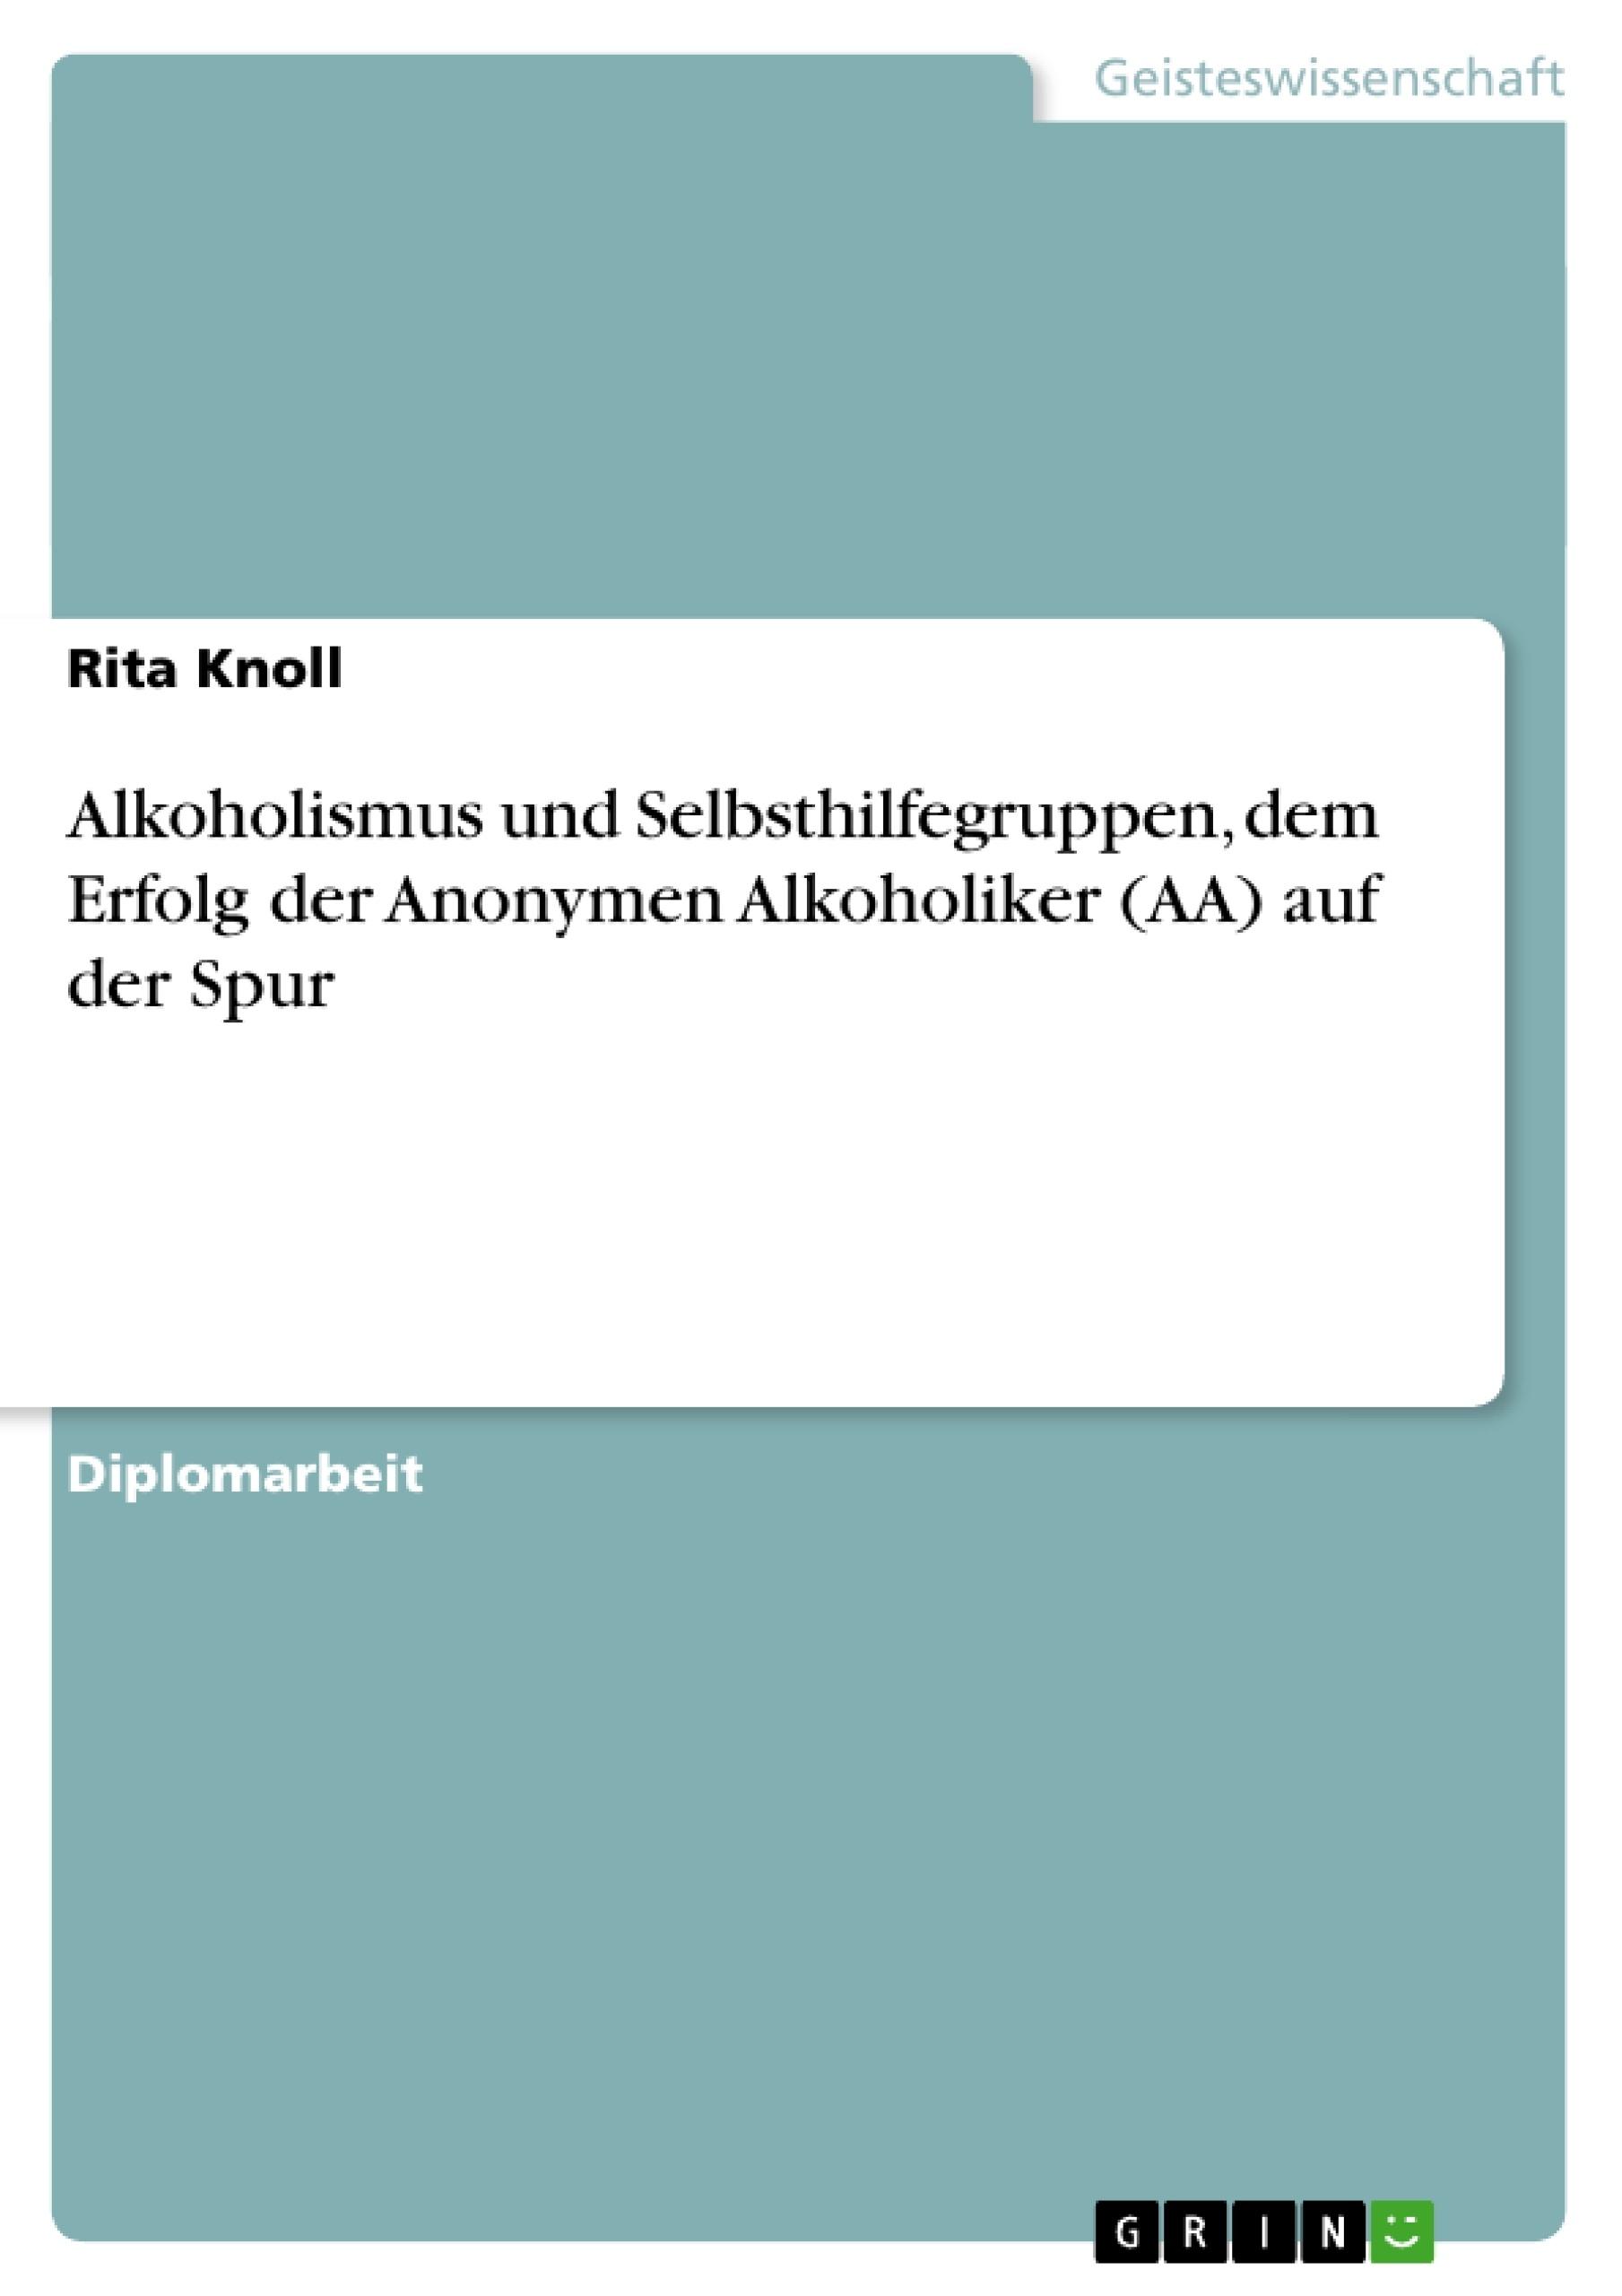 Titel: Alkoholismus und Selbsthilfegruppen, dem Erfolg der Anonymen Alkoholiker (AA) auf der Spur